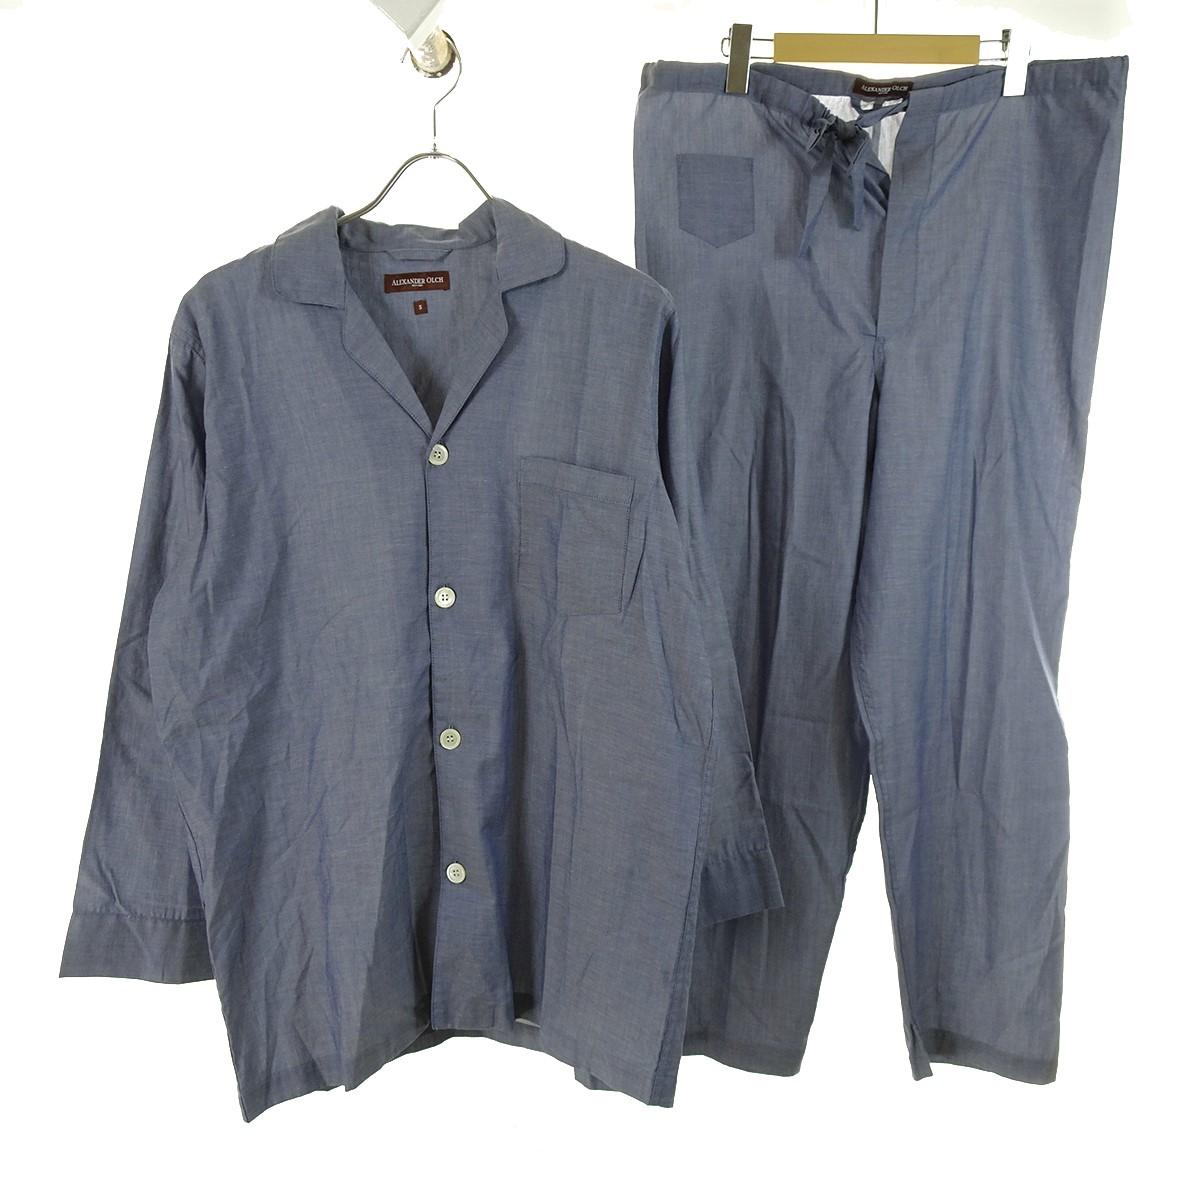 【中古】ALEXANDER OLCH セットアップパジャマ ブルー サイズ:S 【170420】(アレキサンダー オルチ)